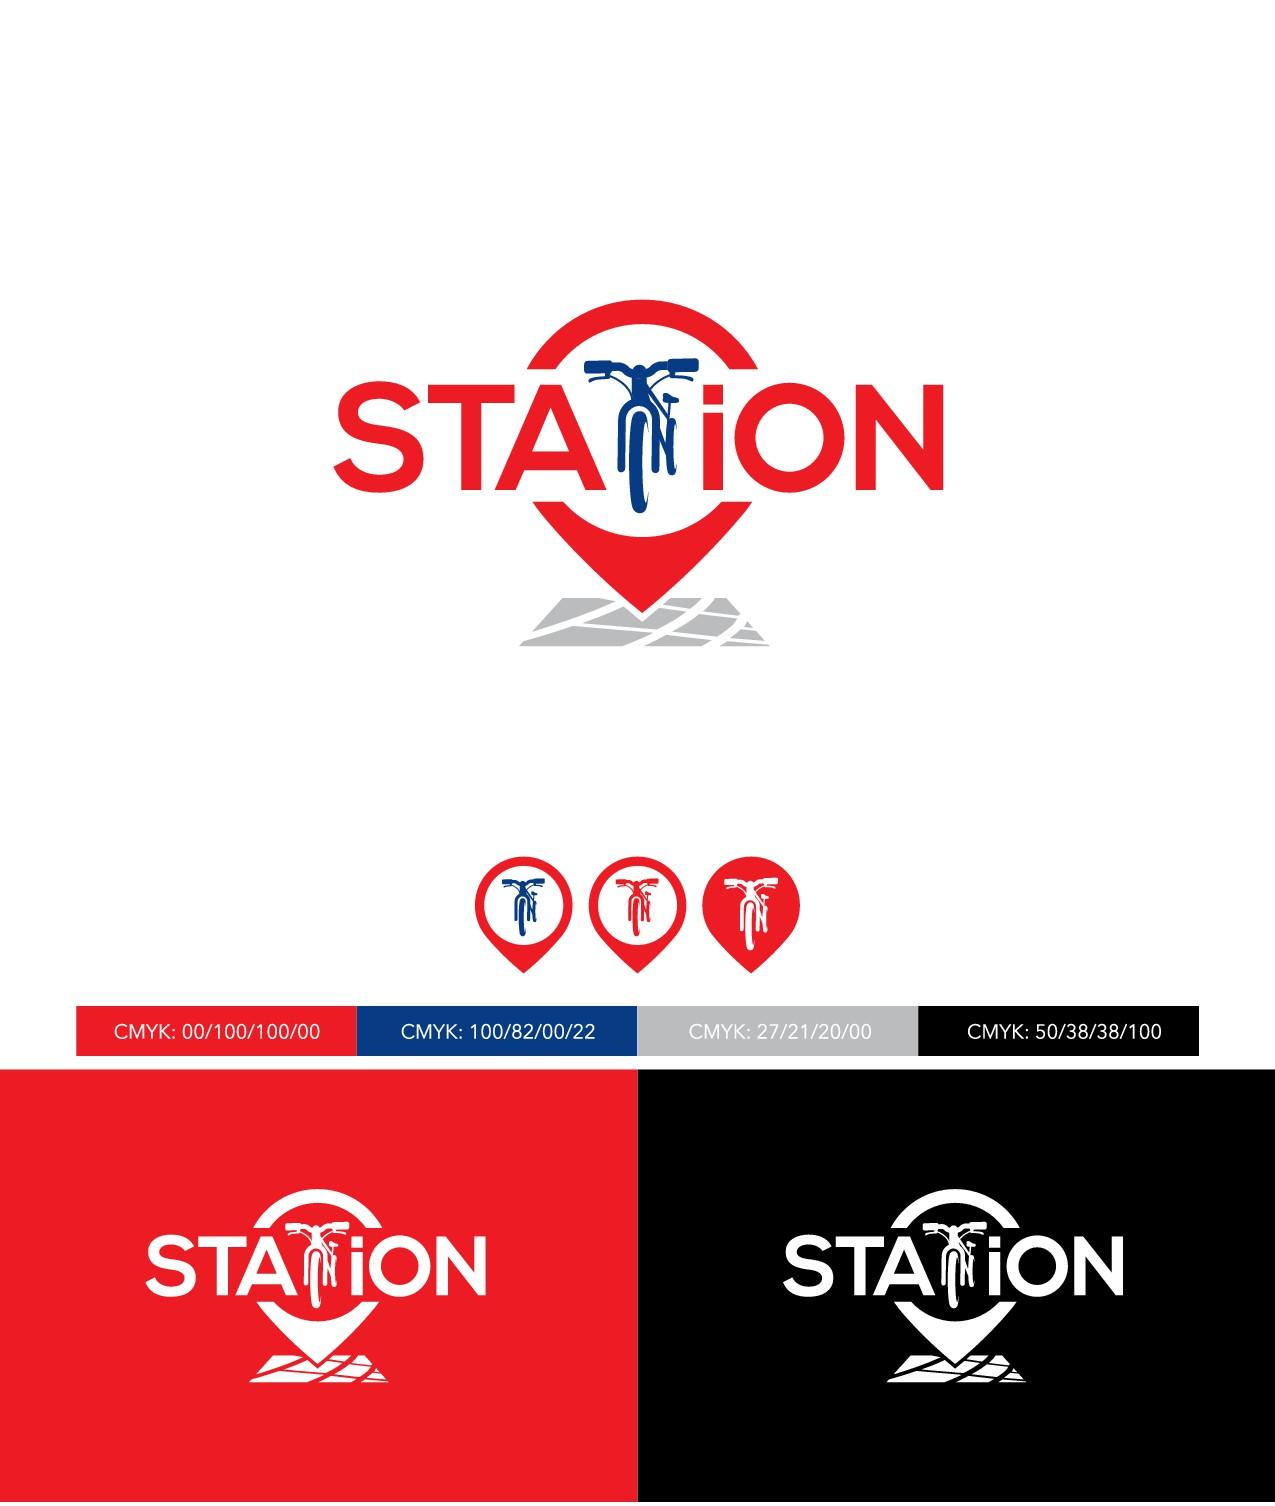 Erstellt ein Logo / Gütesiegel für eine Fahrradvermietungsplattform.